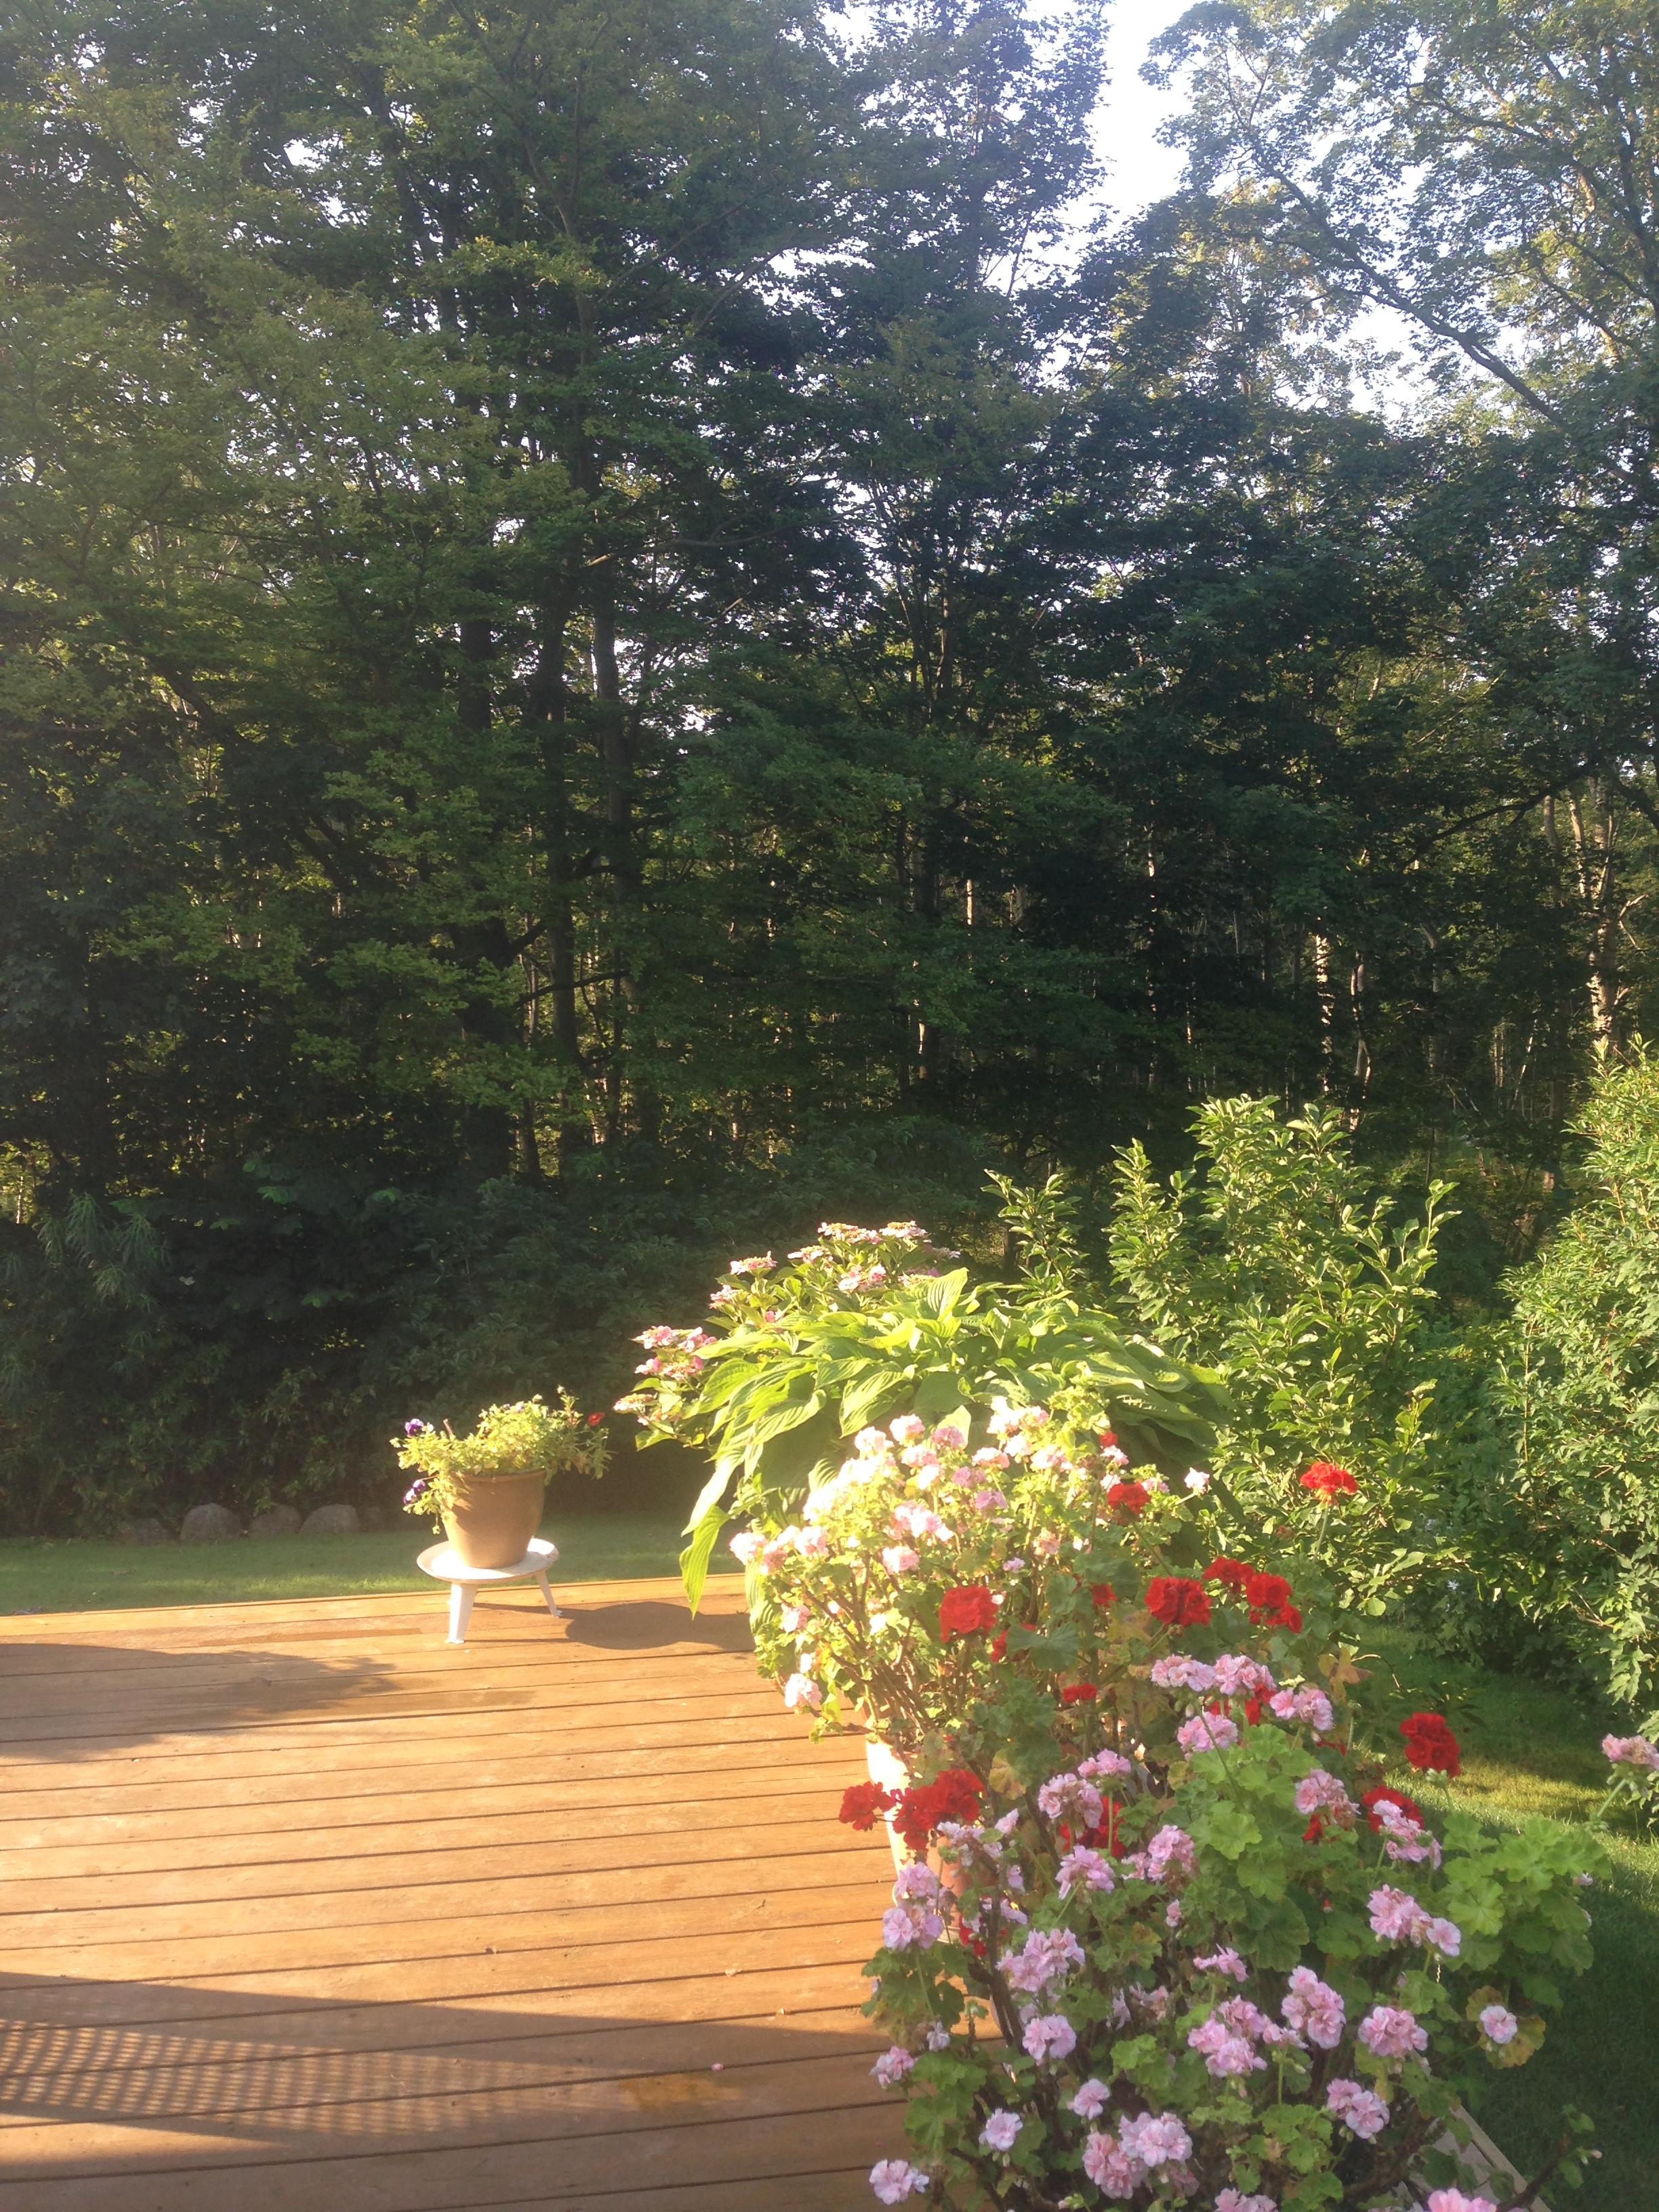 Billede 08-08-14 08.19.09